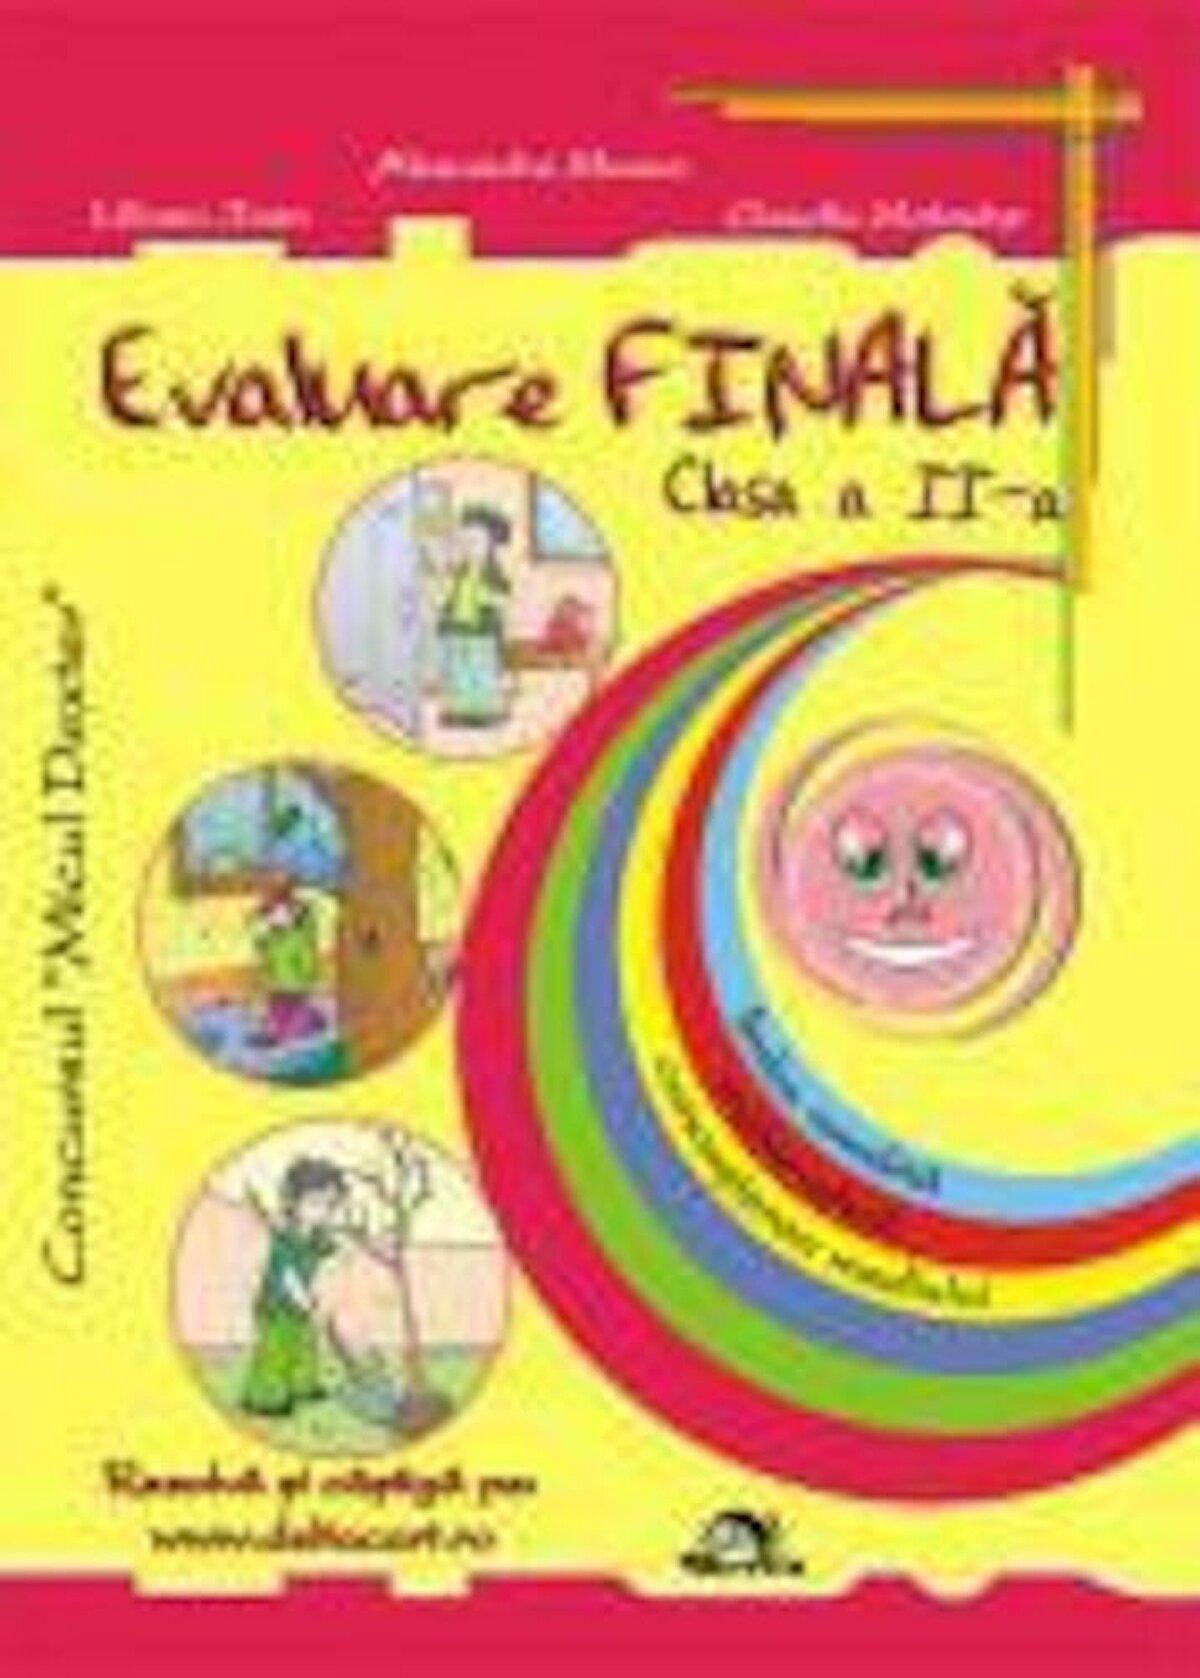 Evaluare finala pentru clasa a II-a